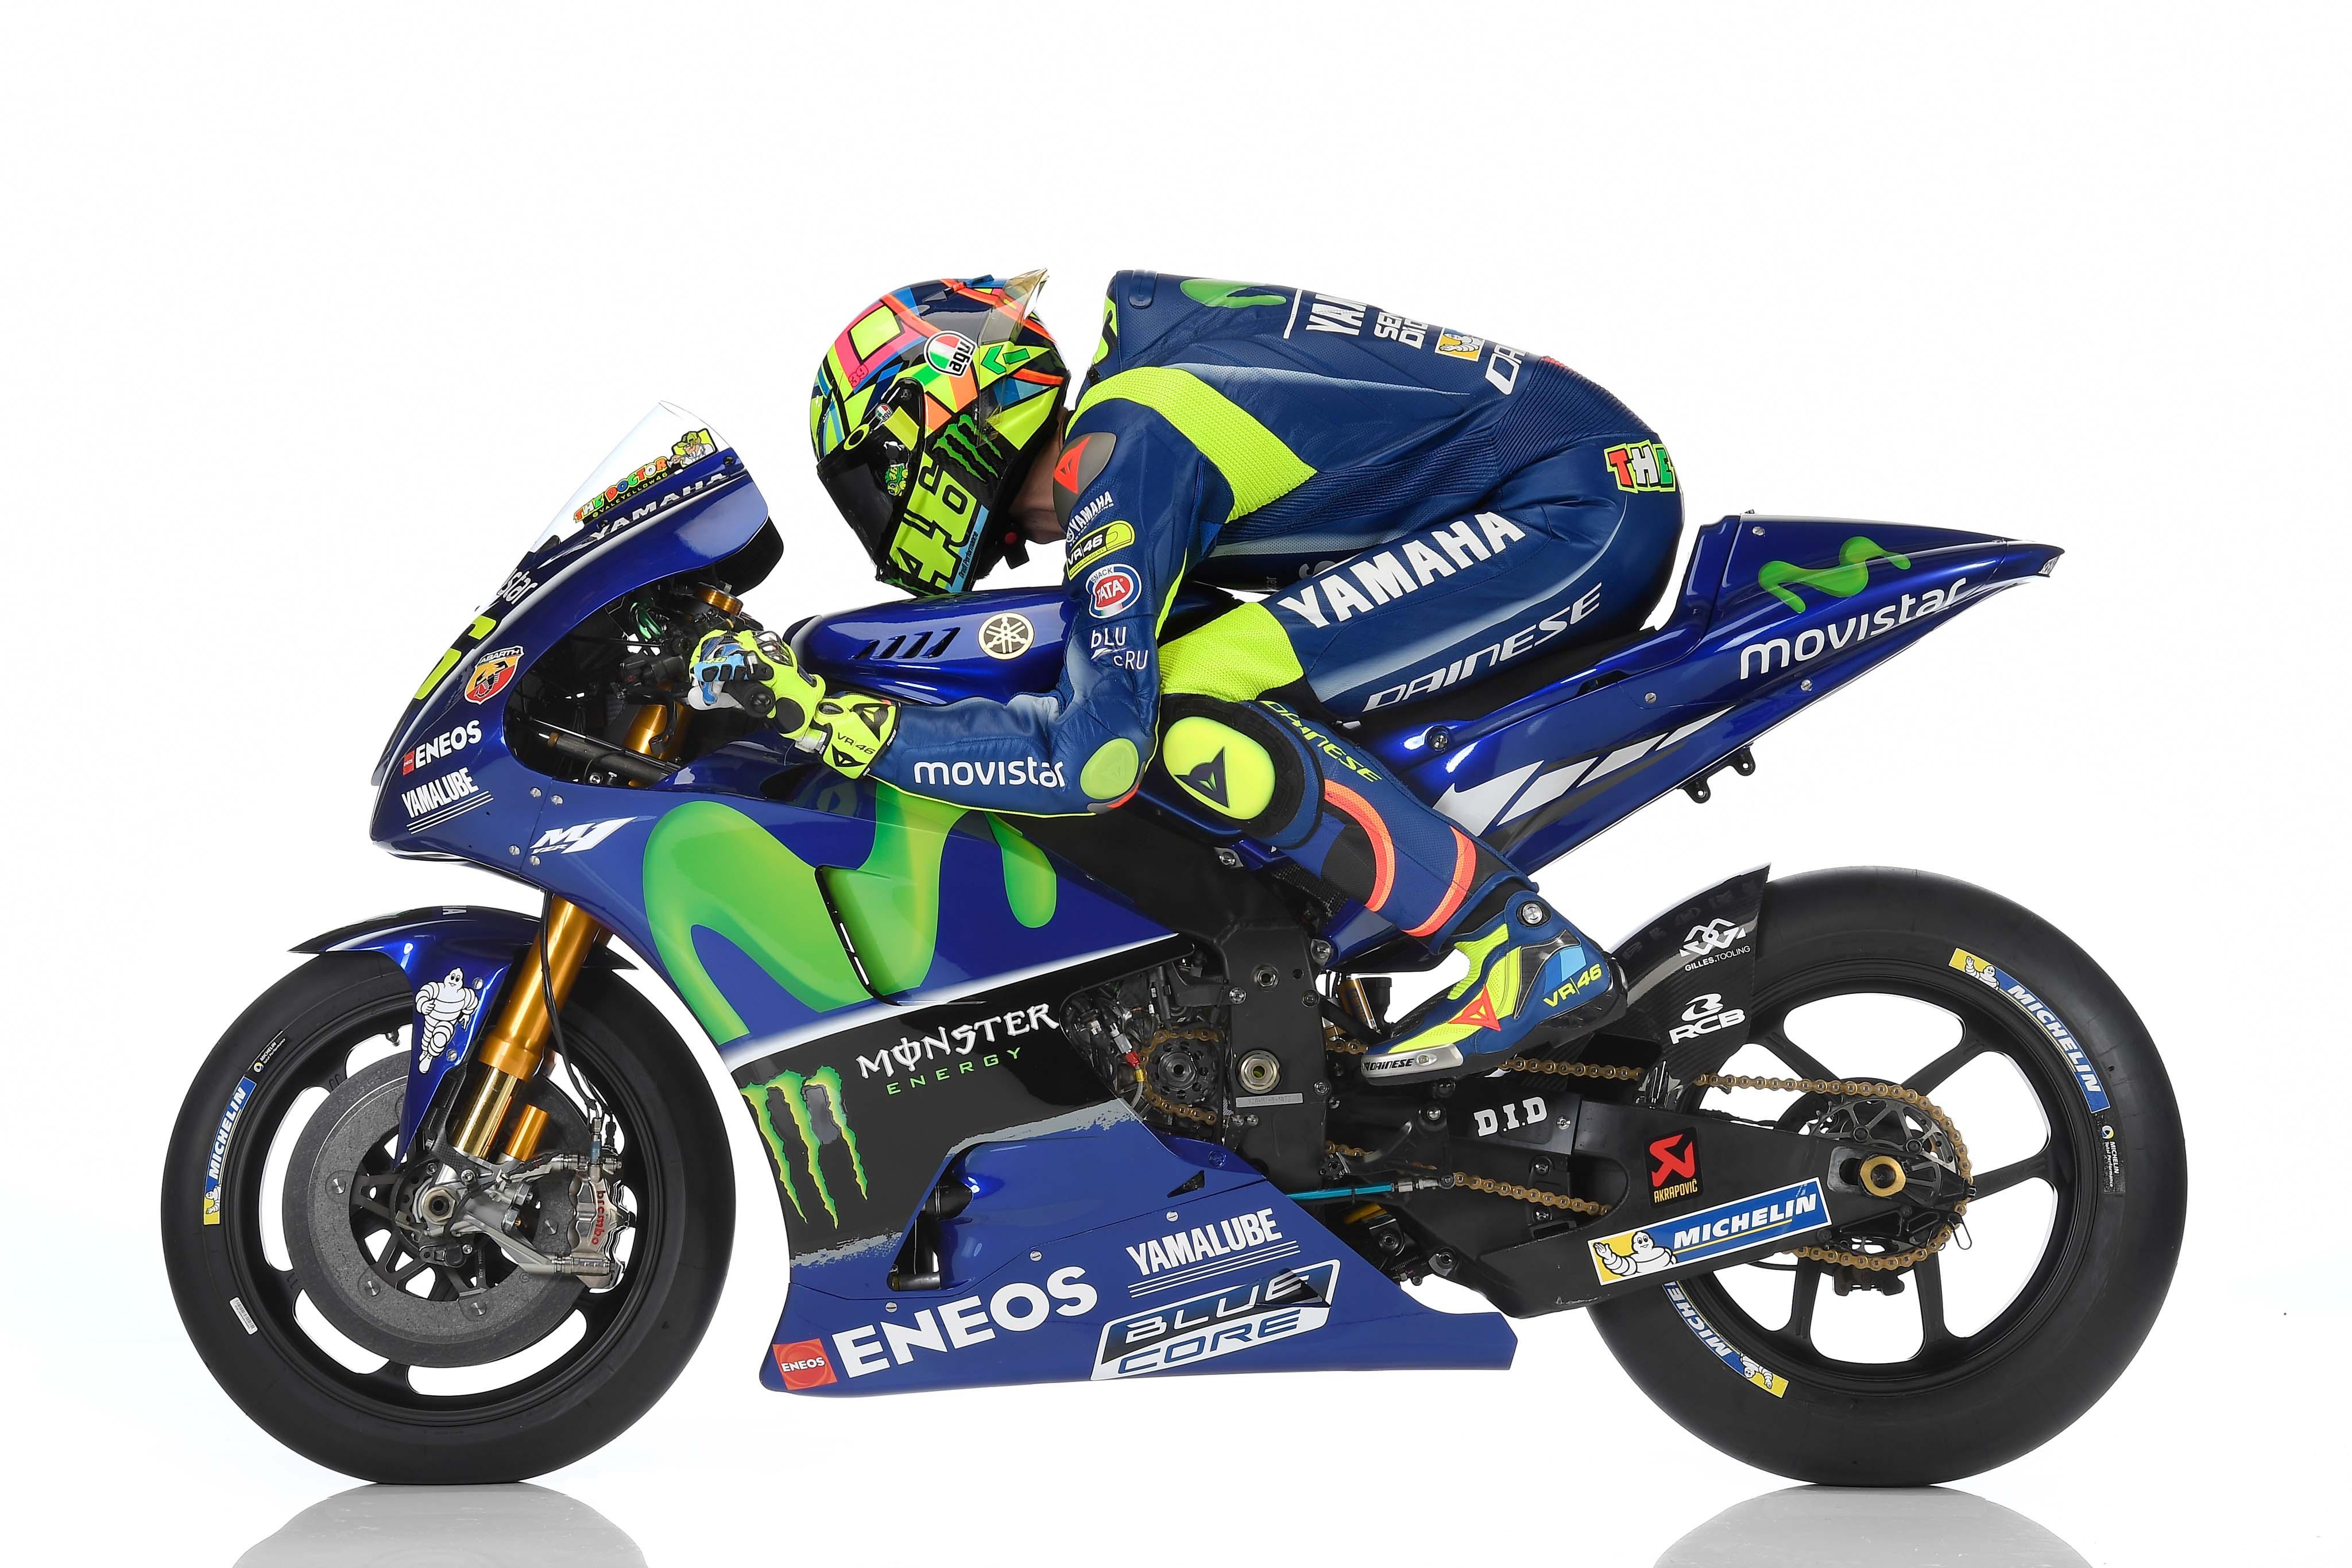 2560x1080 Motogp Valentino Rossi Yamaha YZR M1 2560x1080